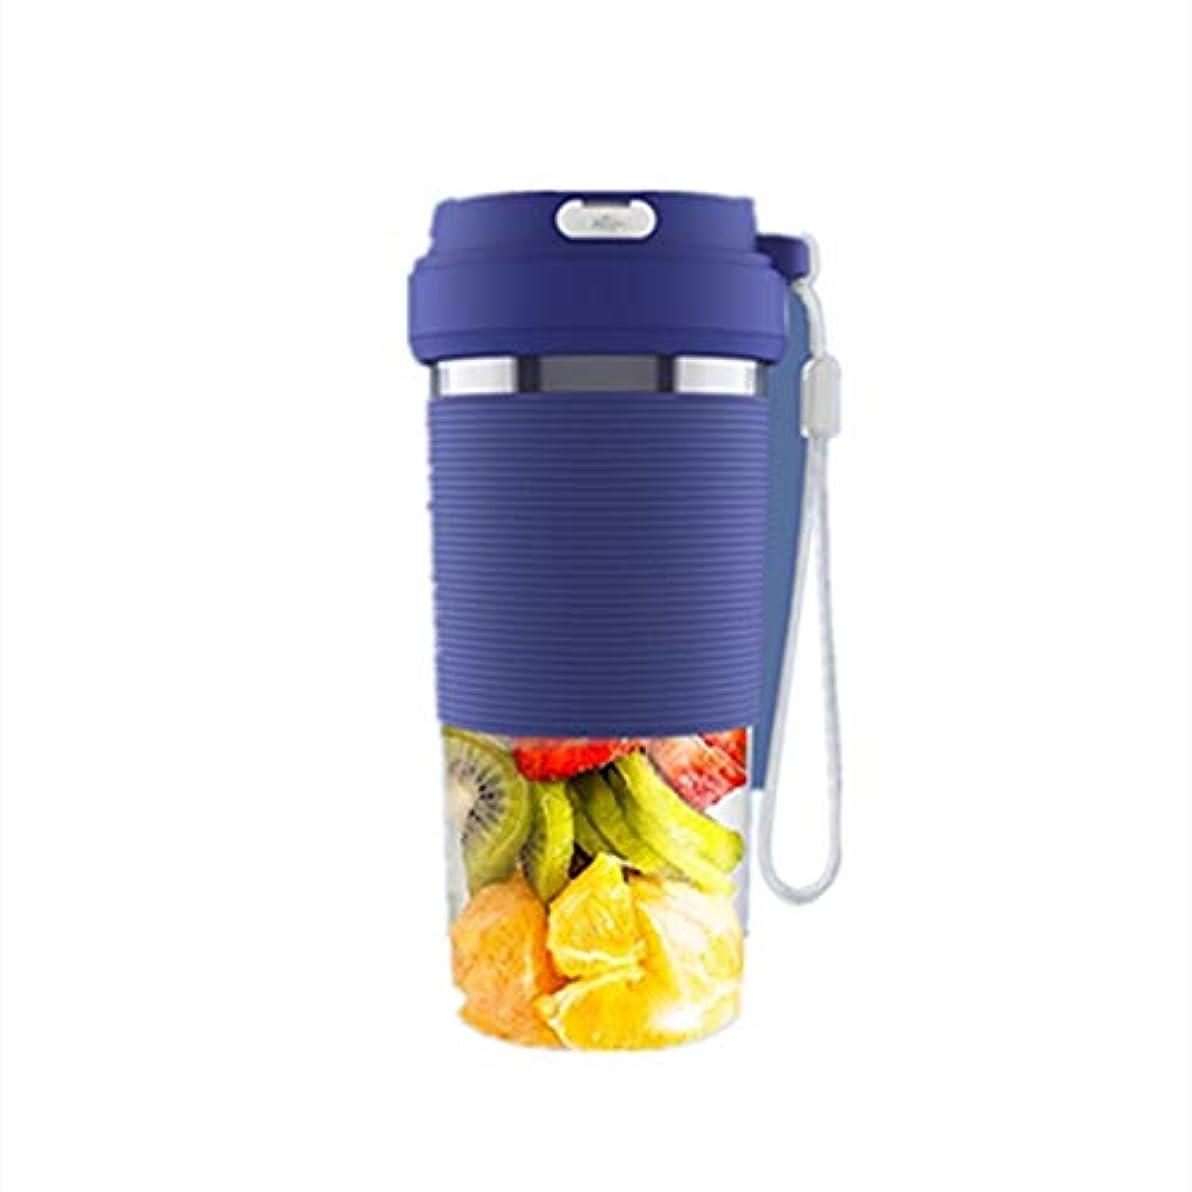 石灰岩襲撃苦情文句Lucky jade 小型家電フルーツジュースカップ、ジューサーを充電、ミニ小型家庭用電気調理ジュースカップ、ミニジューサージュースのコップを充電フルーツカップ、ギフトカップポータブルジューサー、 (Color : Blue)